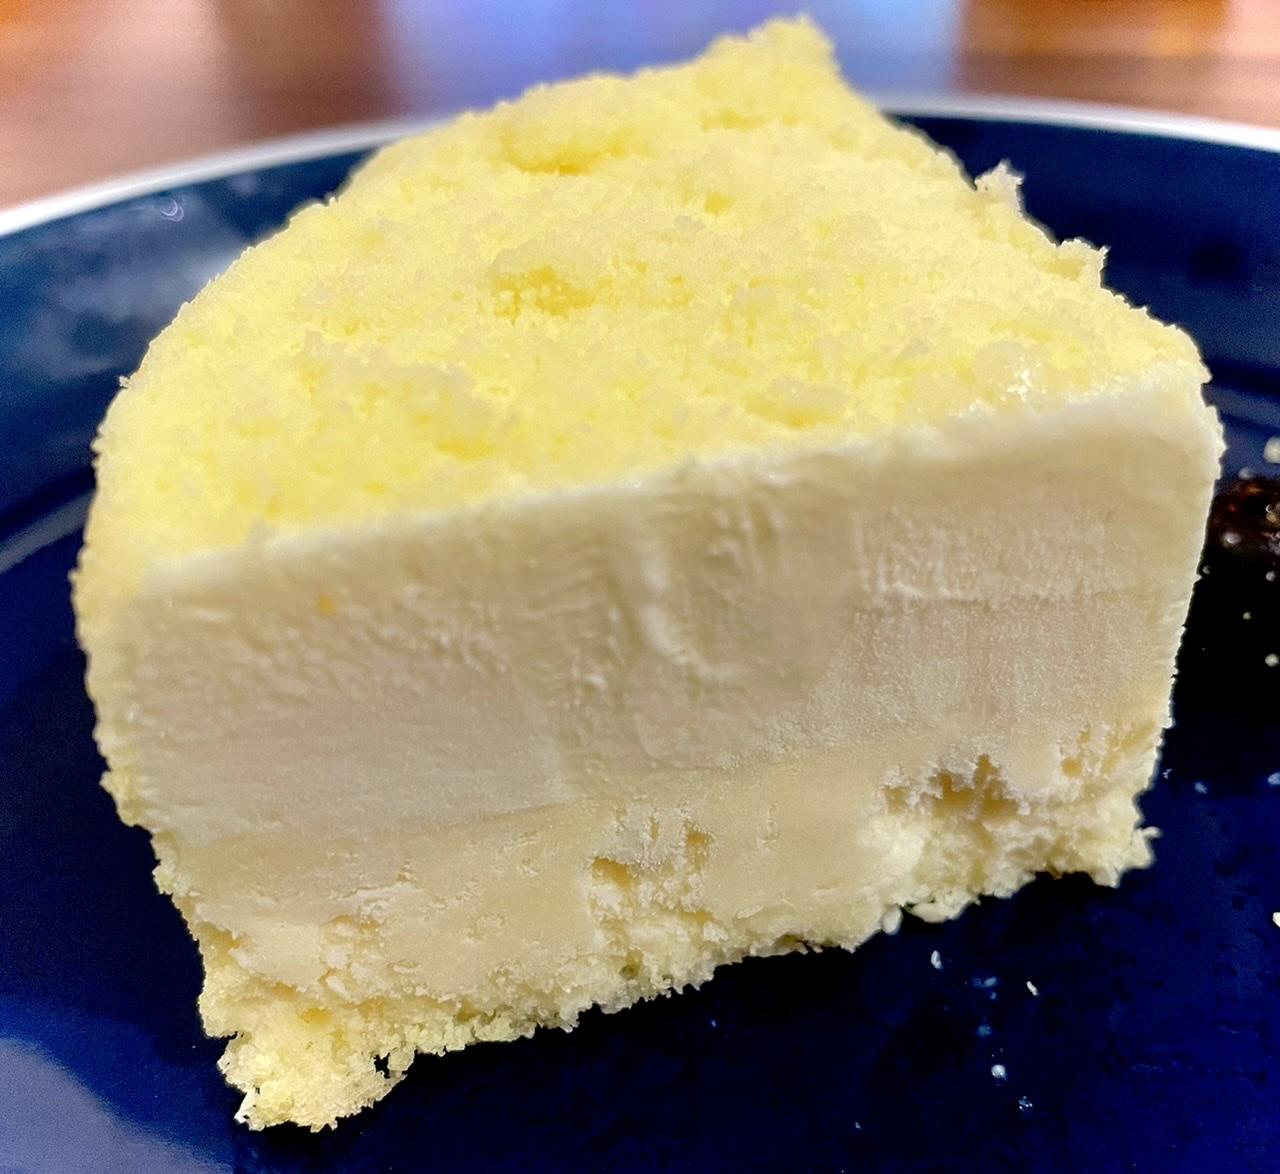 驚くほど滑らかさ。ふわっと溶ける2層チーズケーキ_3